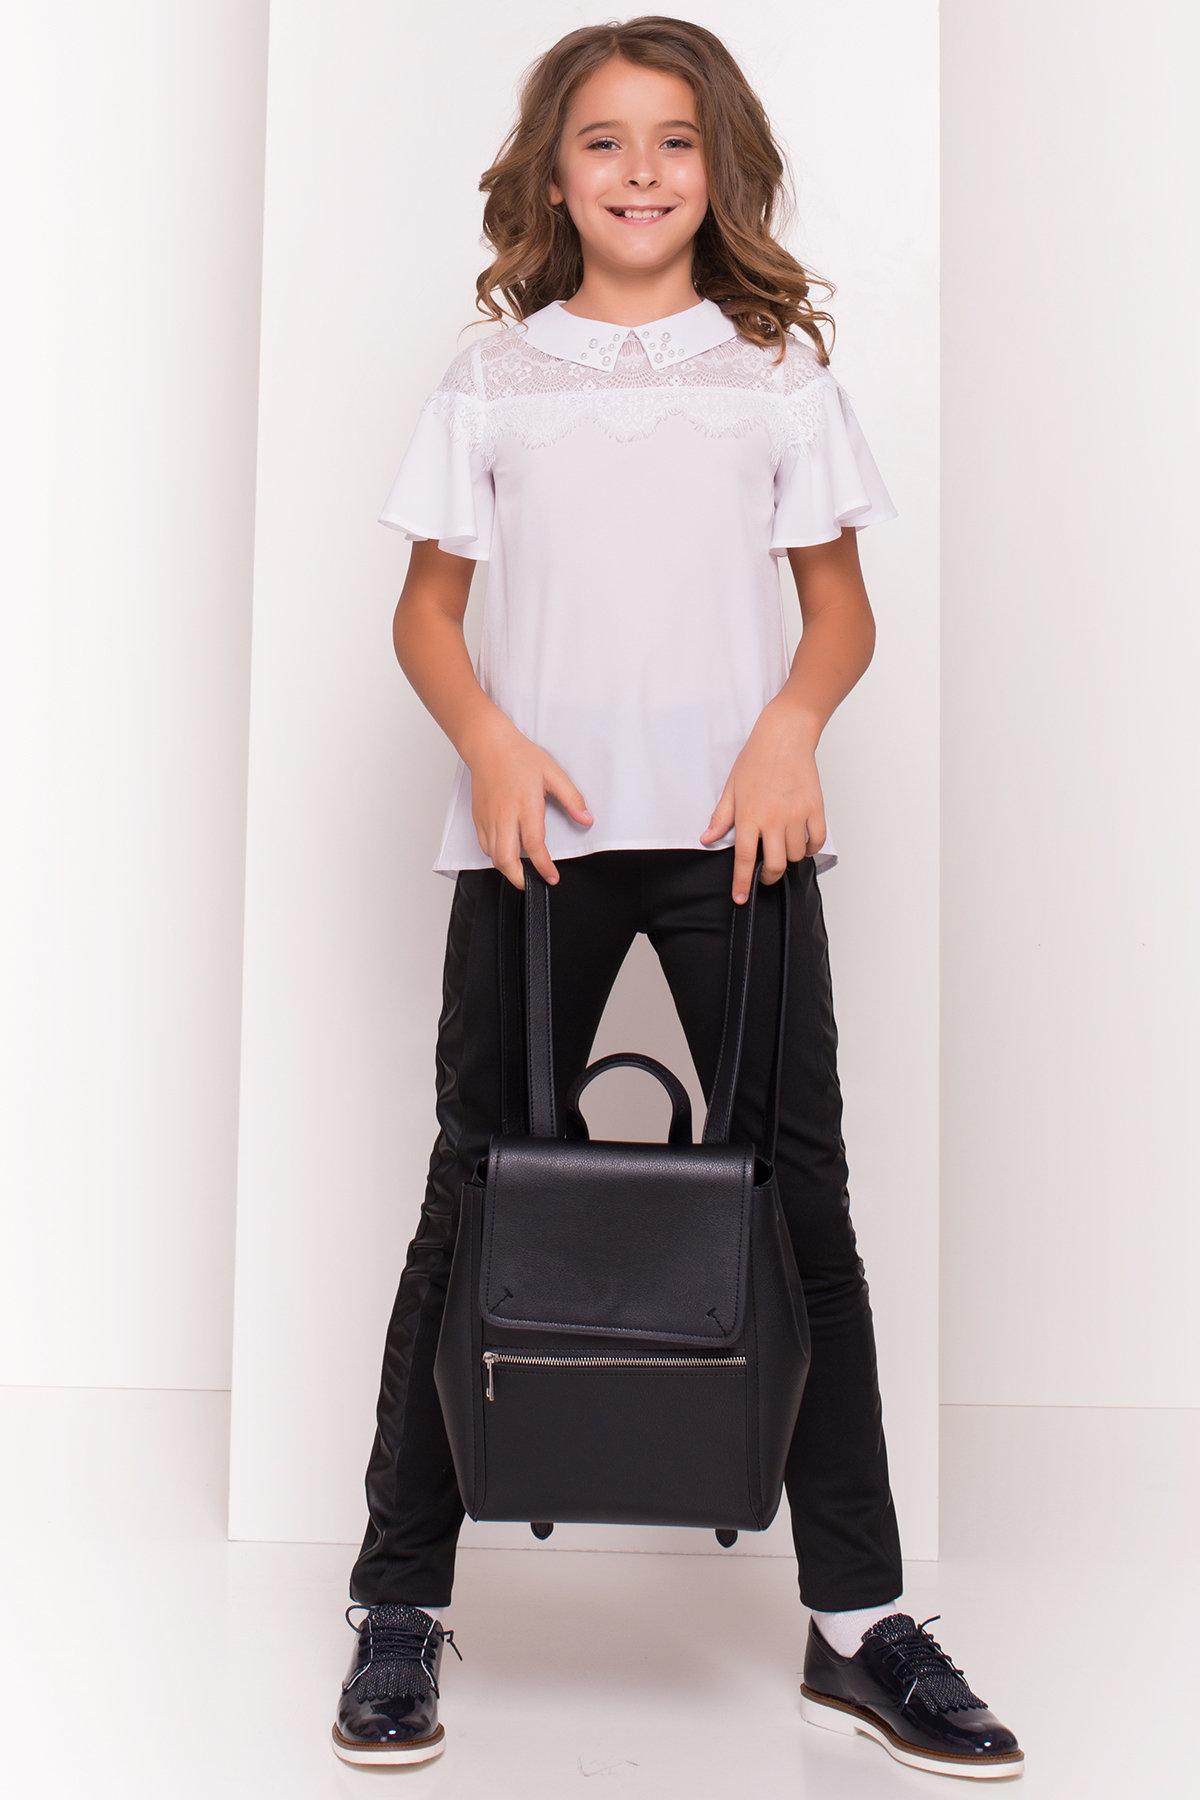 блузки для детей в школу Блузка детская Ореанда 5193